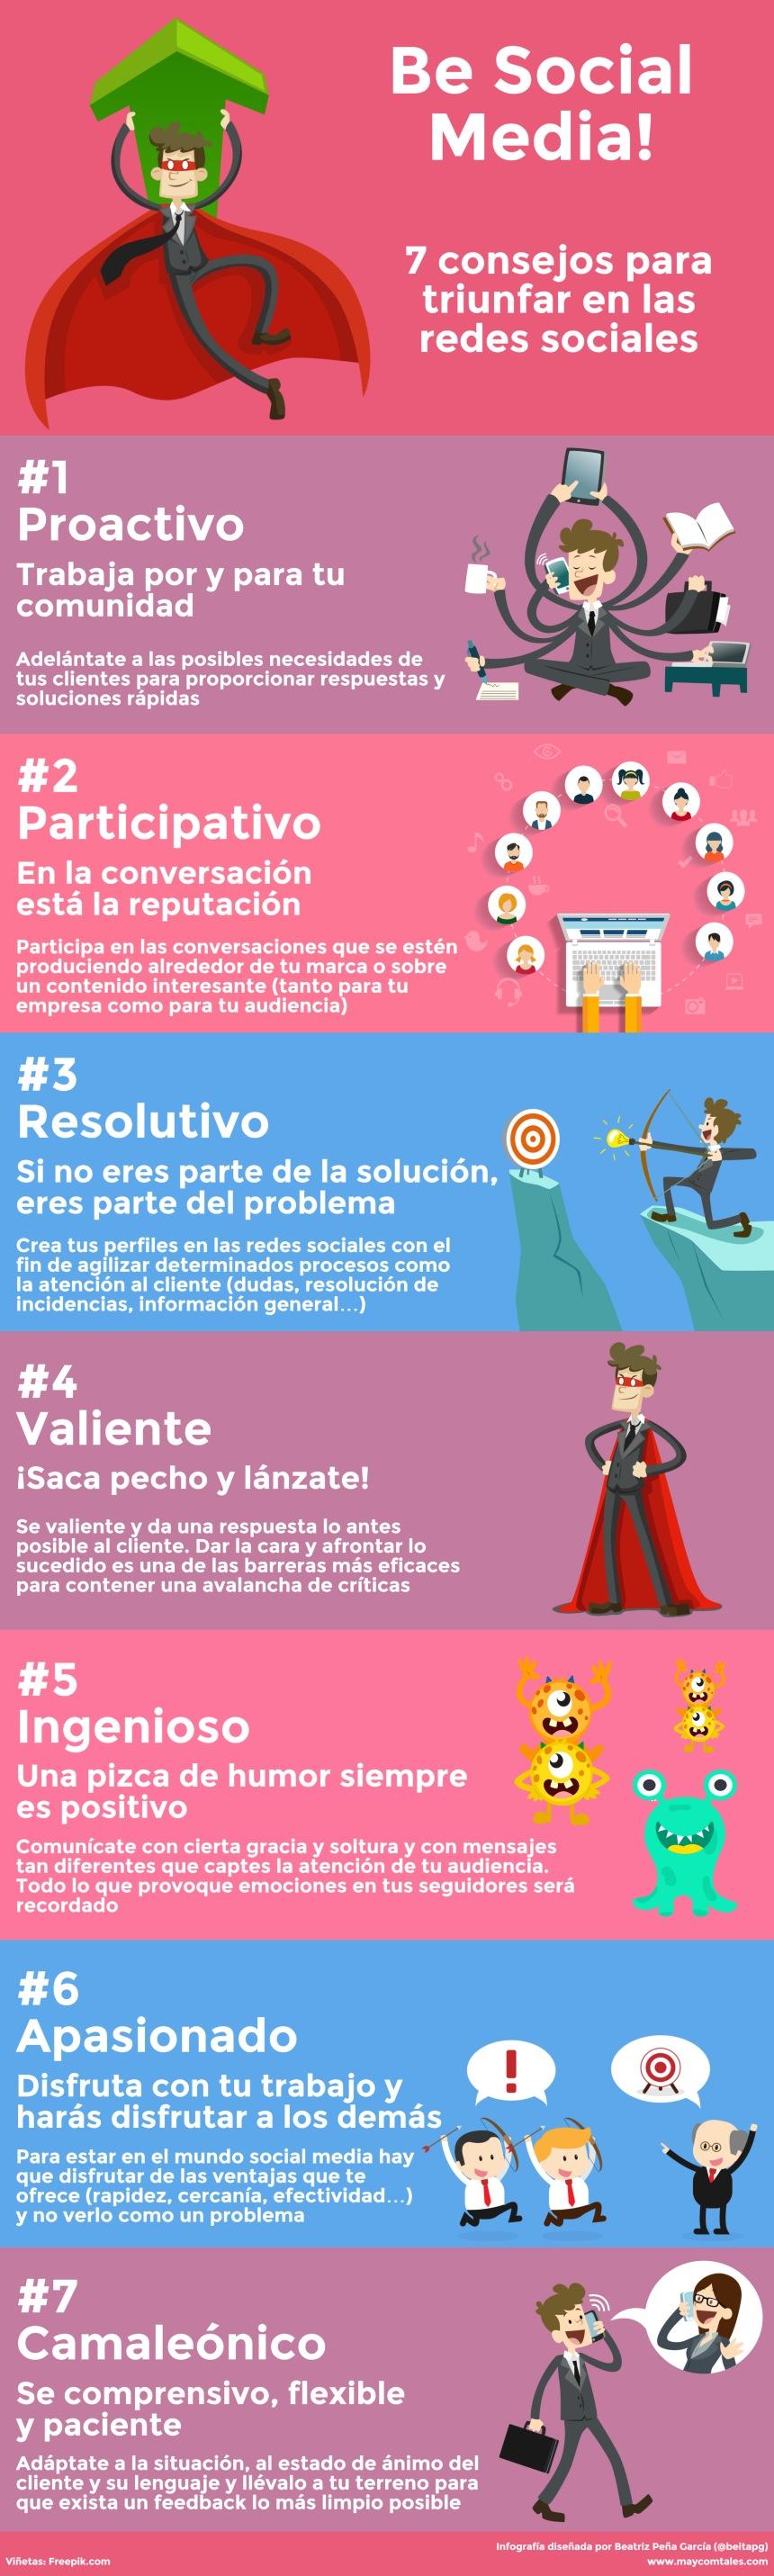 7 consejos para triunfar en Redes Sociales